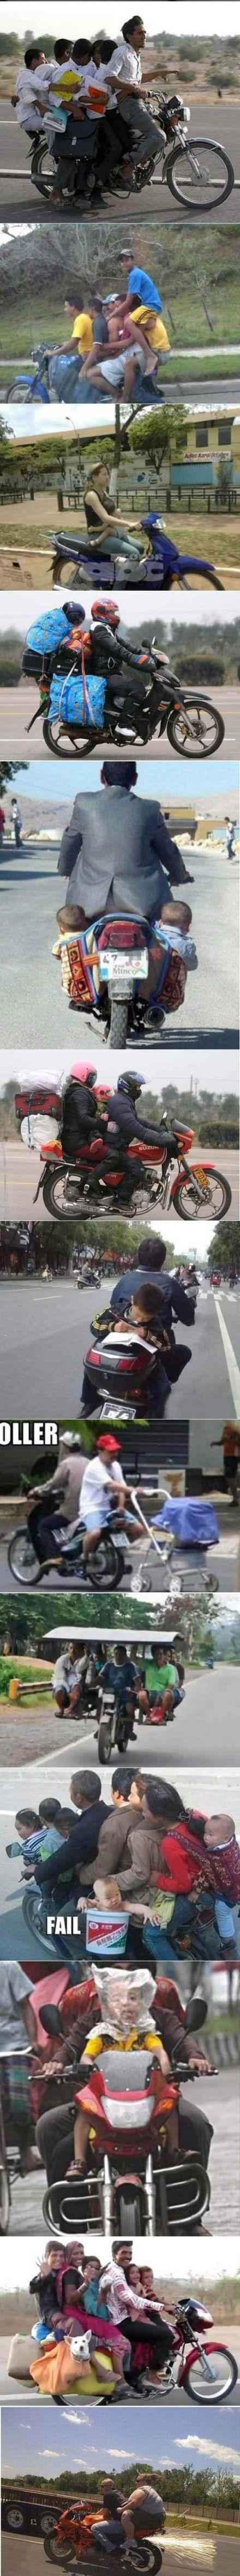 摩托车真是一个很神奇的交通工具。。。